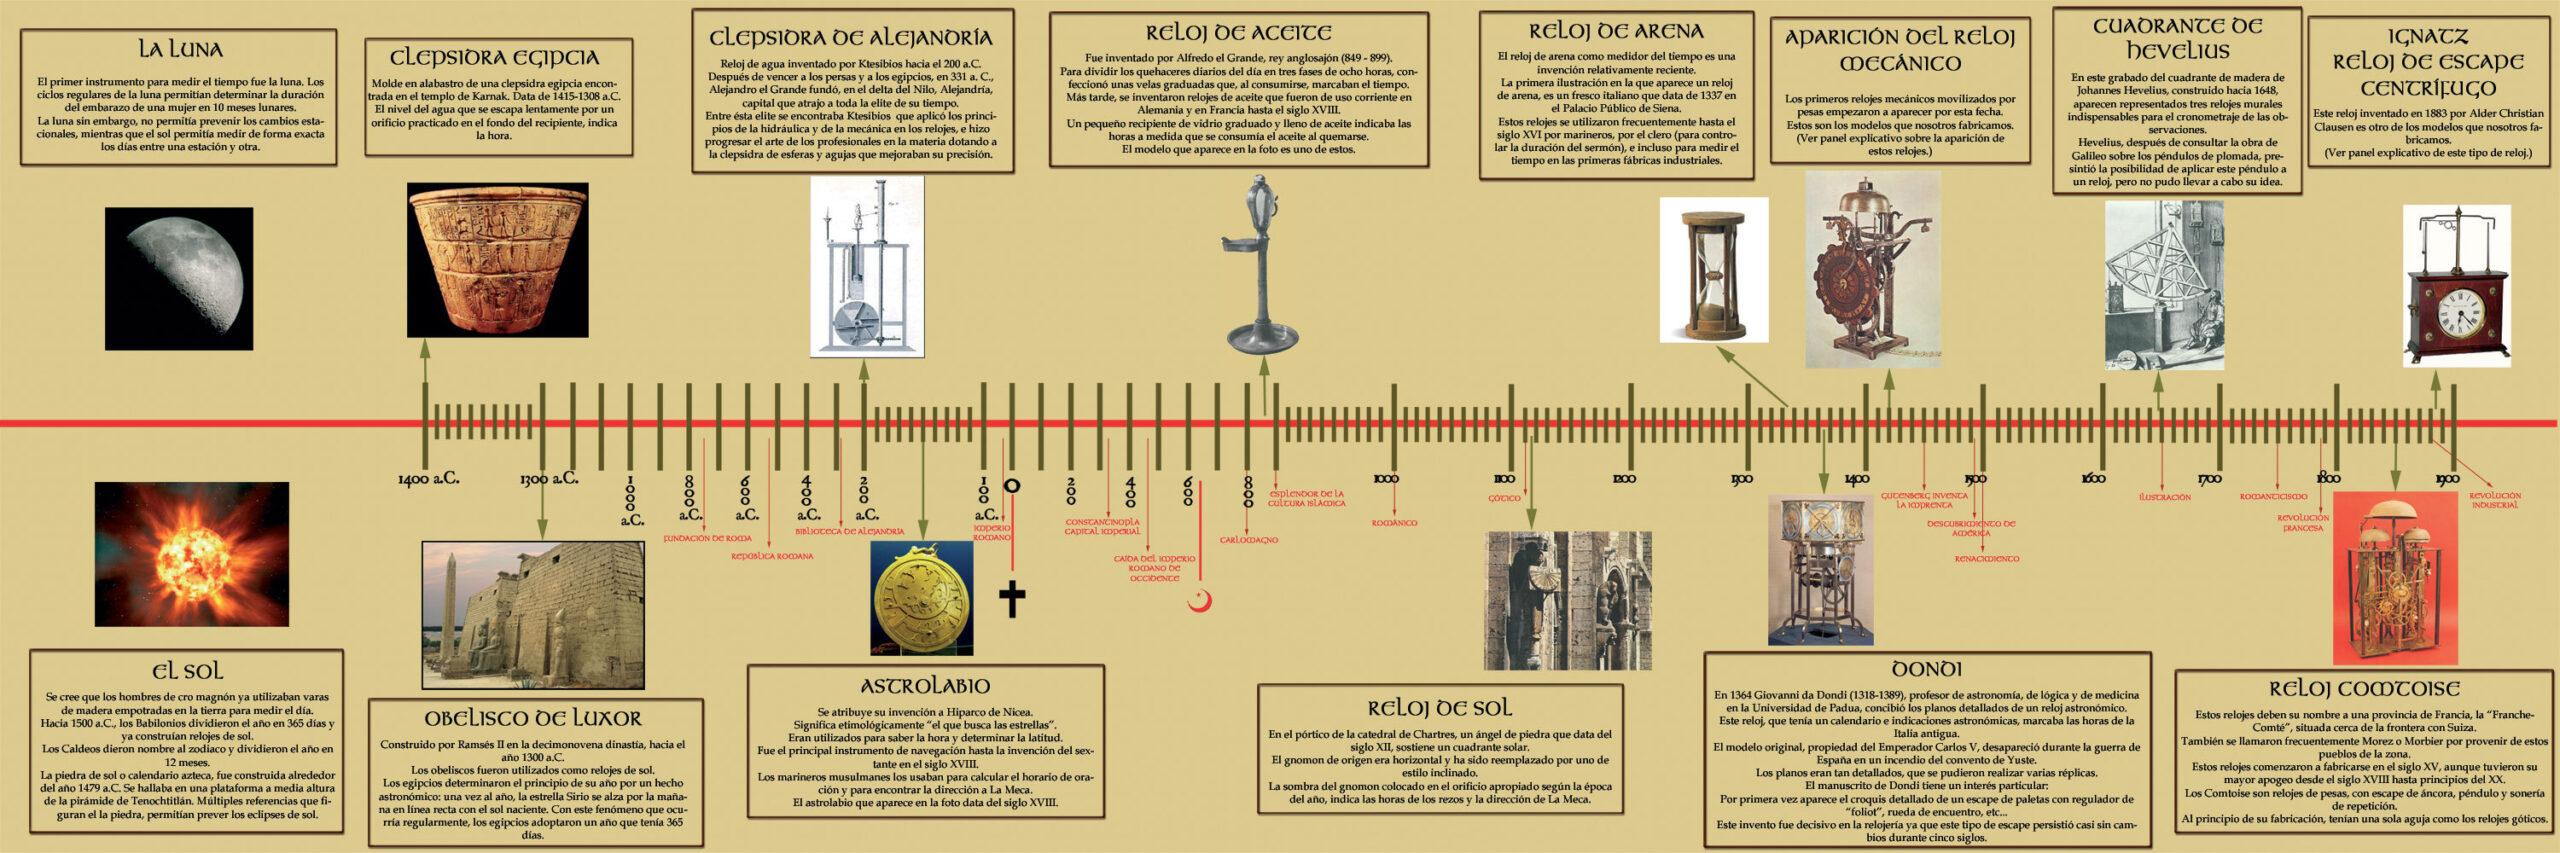 Historia y evolución de los relojes